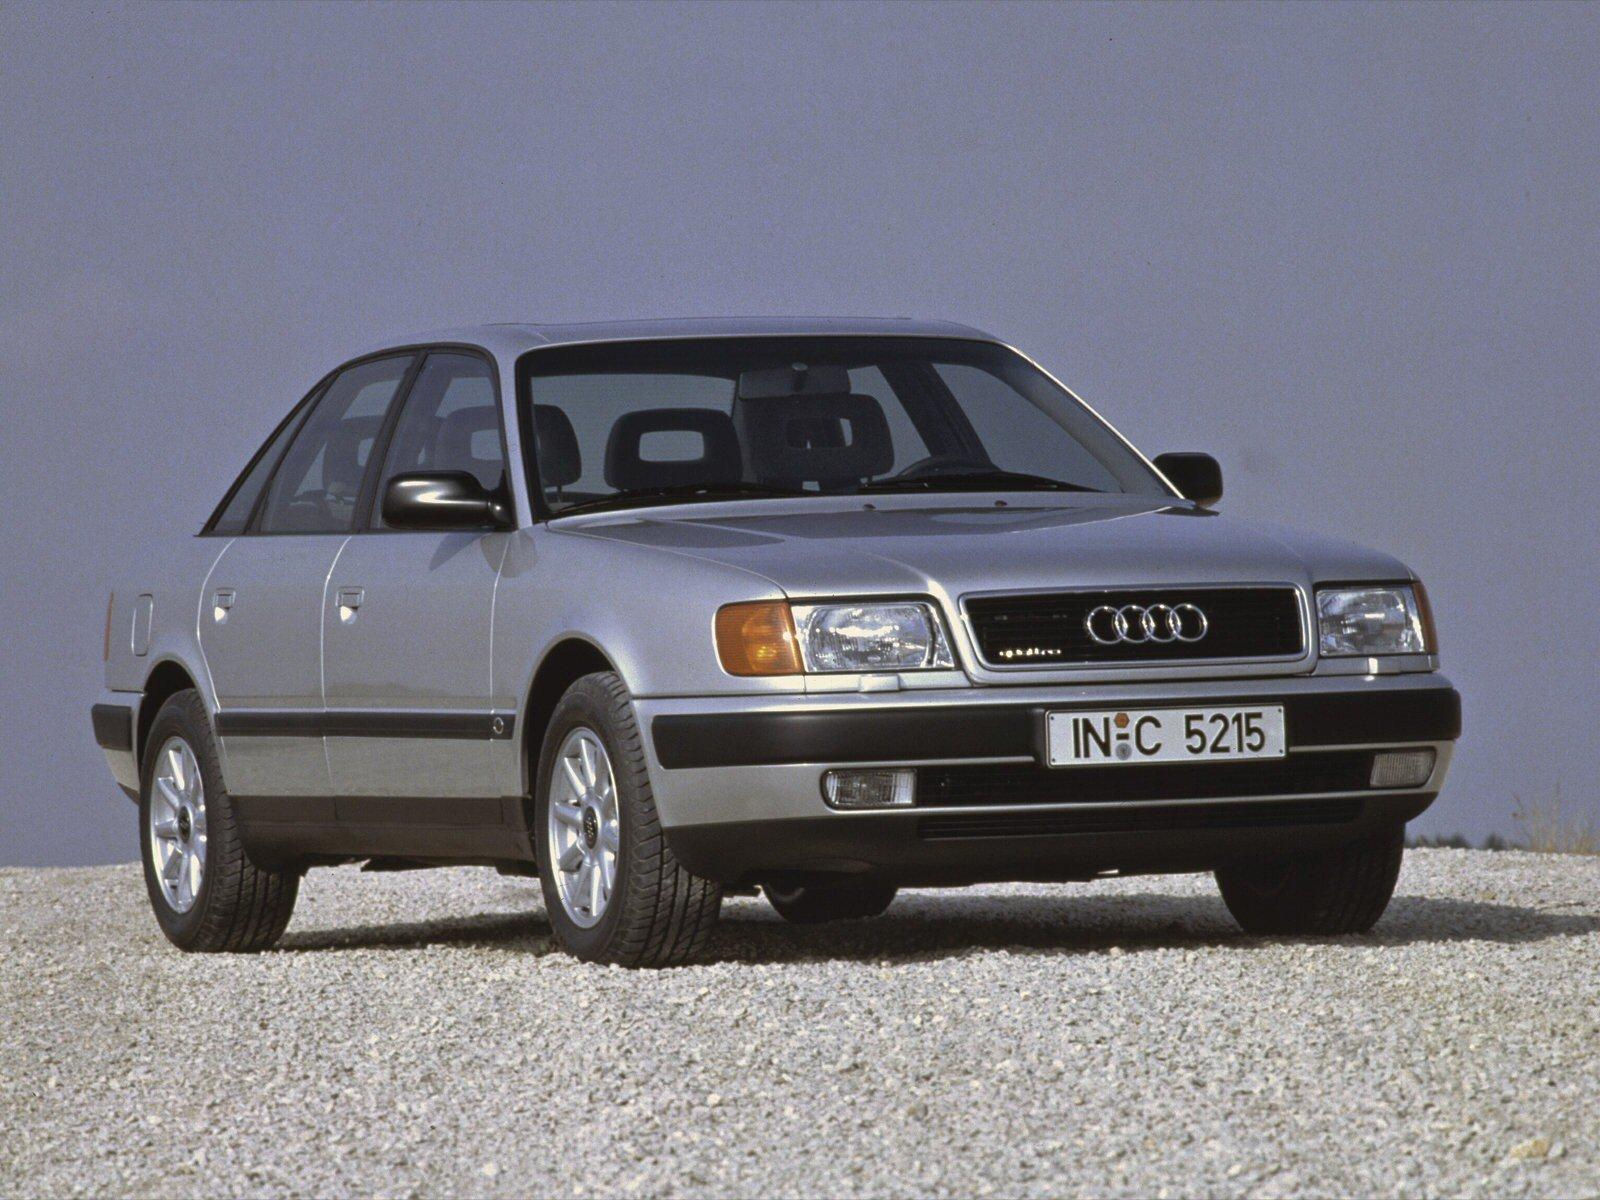 Ауди 100 рассматриваемого поколения дебютировала в 1990 году